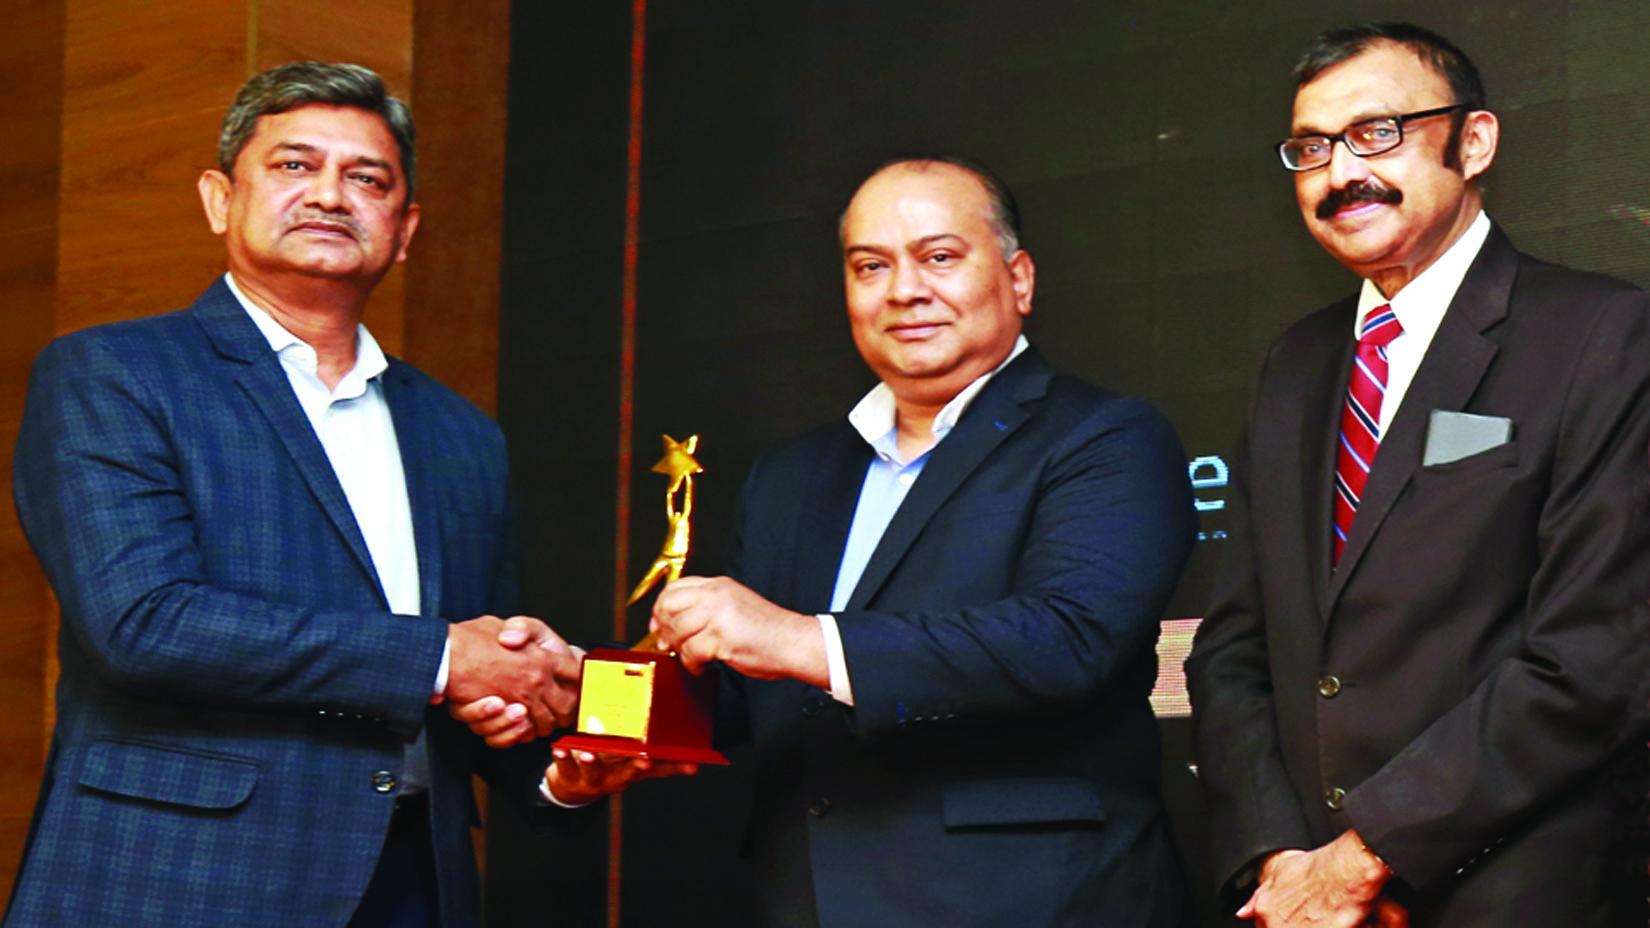 bKash wins 'Iconic Company' award